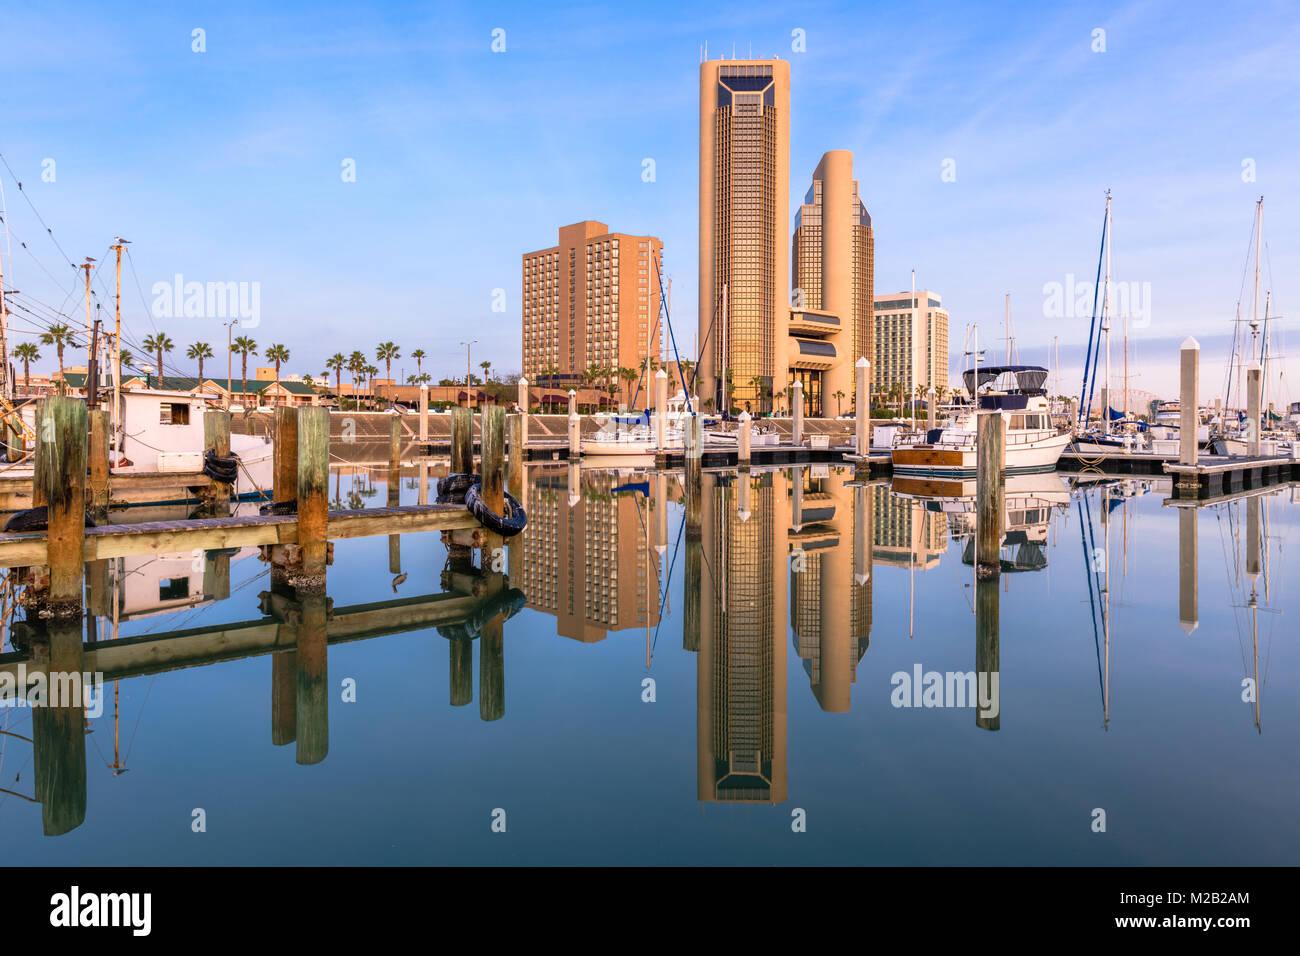 Corpus Christi, Texas, USA skyline on the bay. Stock Photo